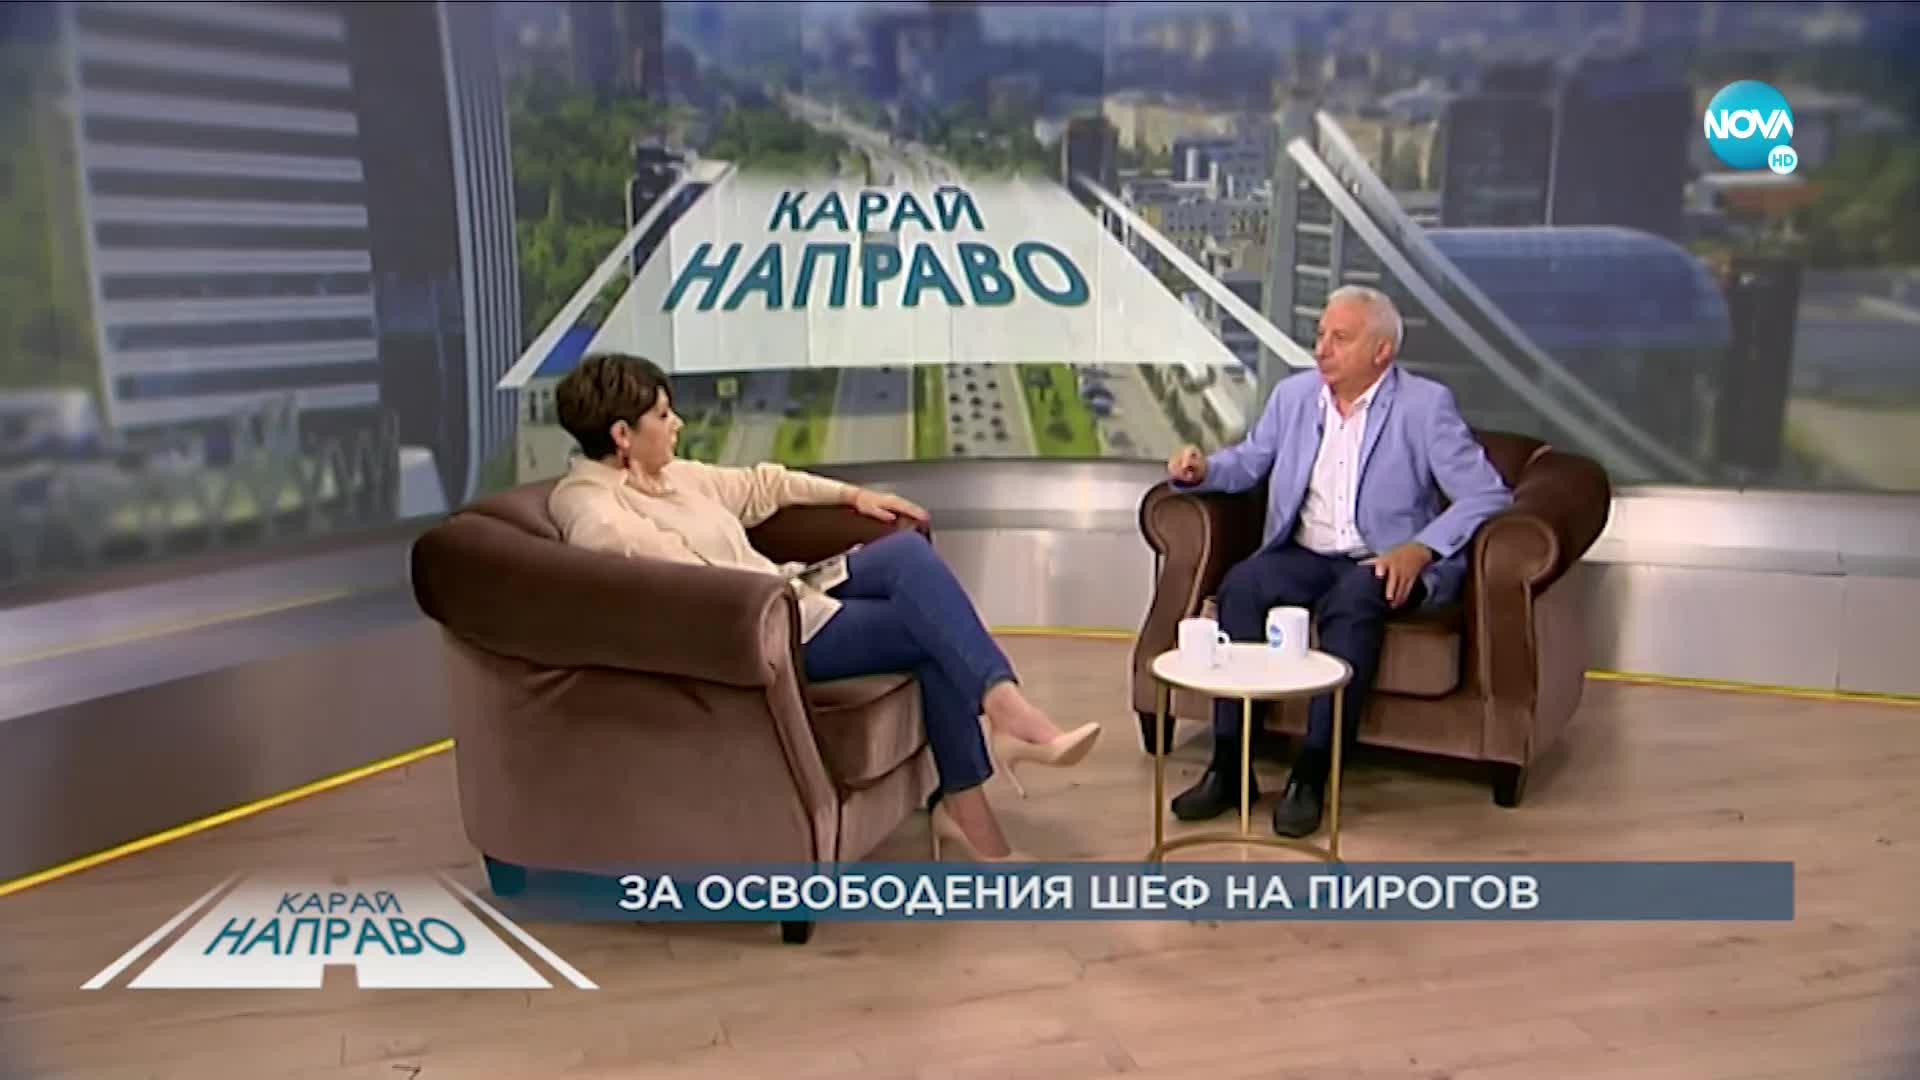 Карай направо с проф. Огнян Герджиков (17.07.2021)